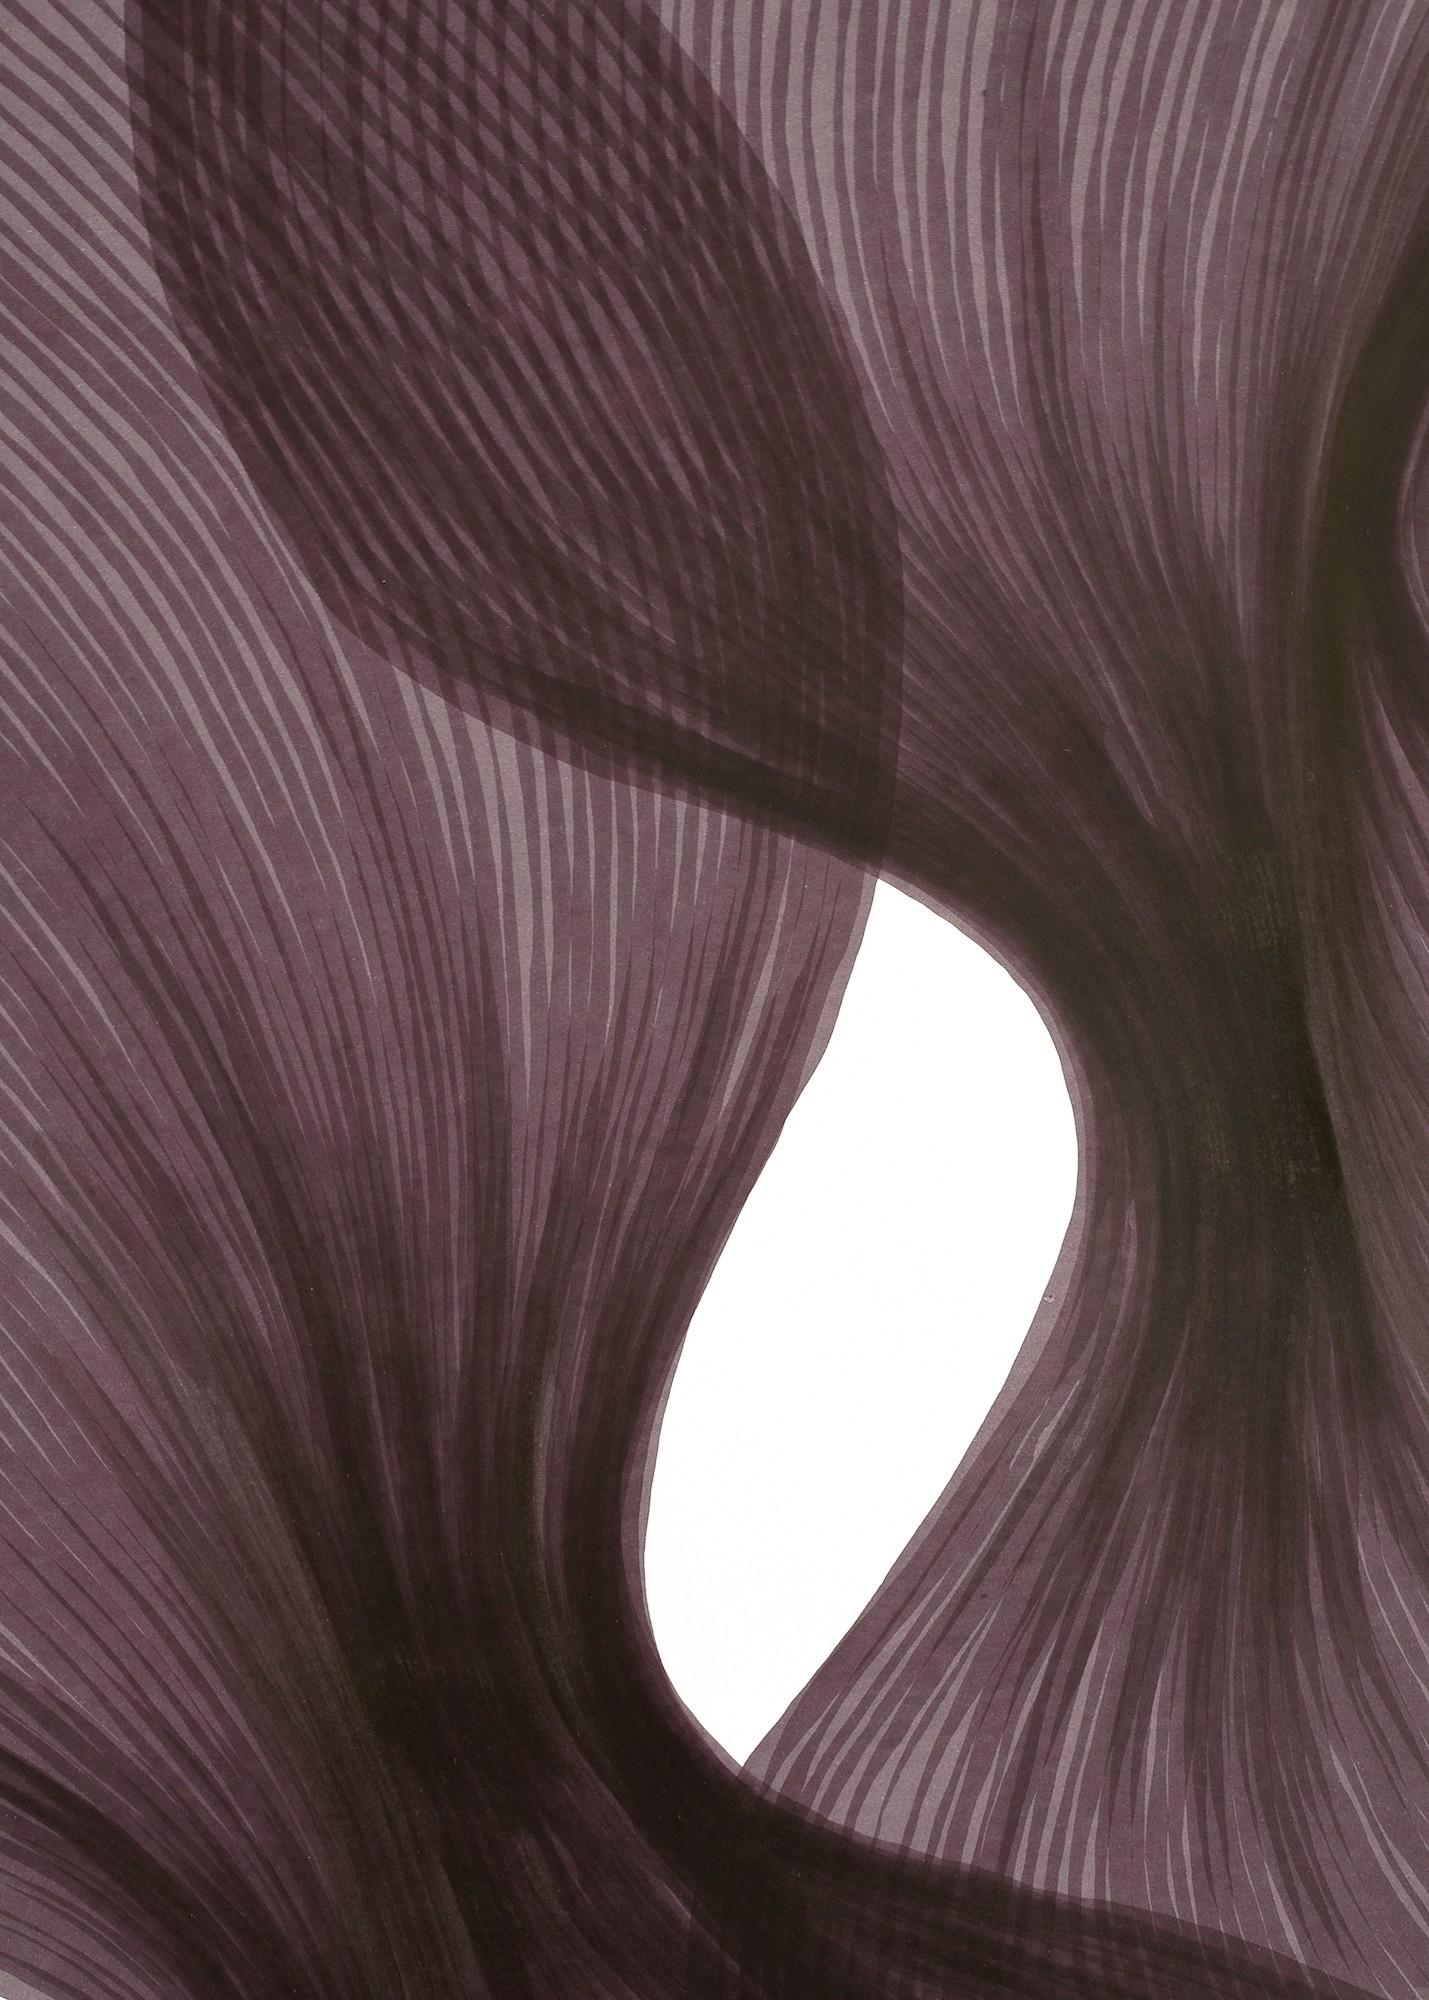 Venice Sheer Folds | Lali Torma | Zeichnung | Kalligraphietusche auf Papier, Detail